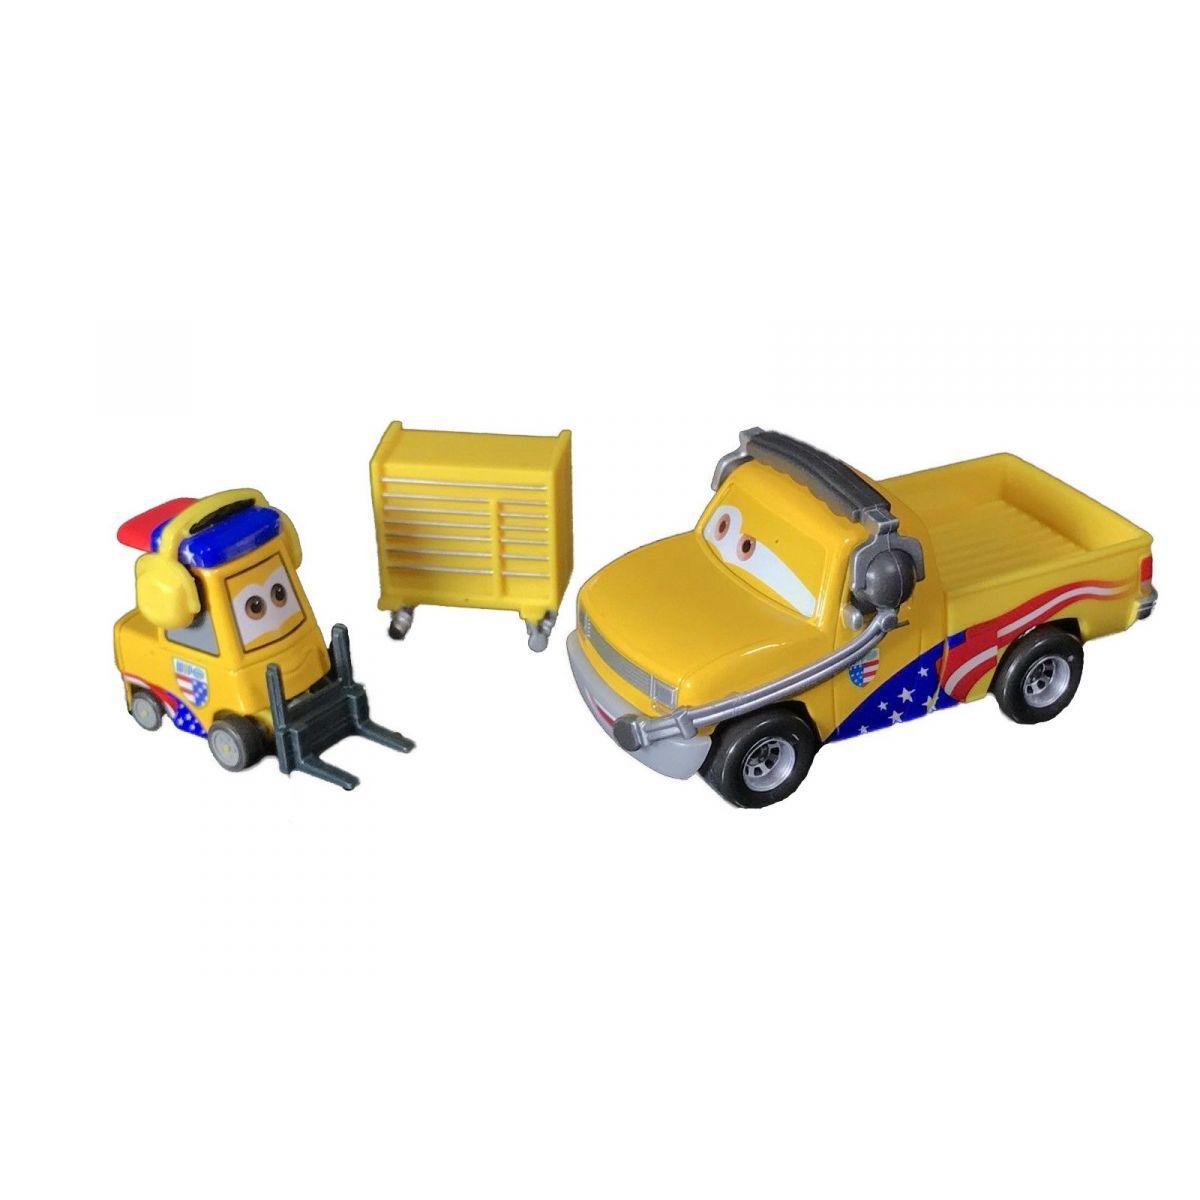 Mattel Cars 3 autá 2 ks Turbo Bullock a John Lassetire